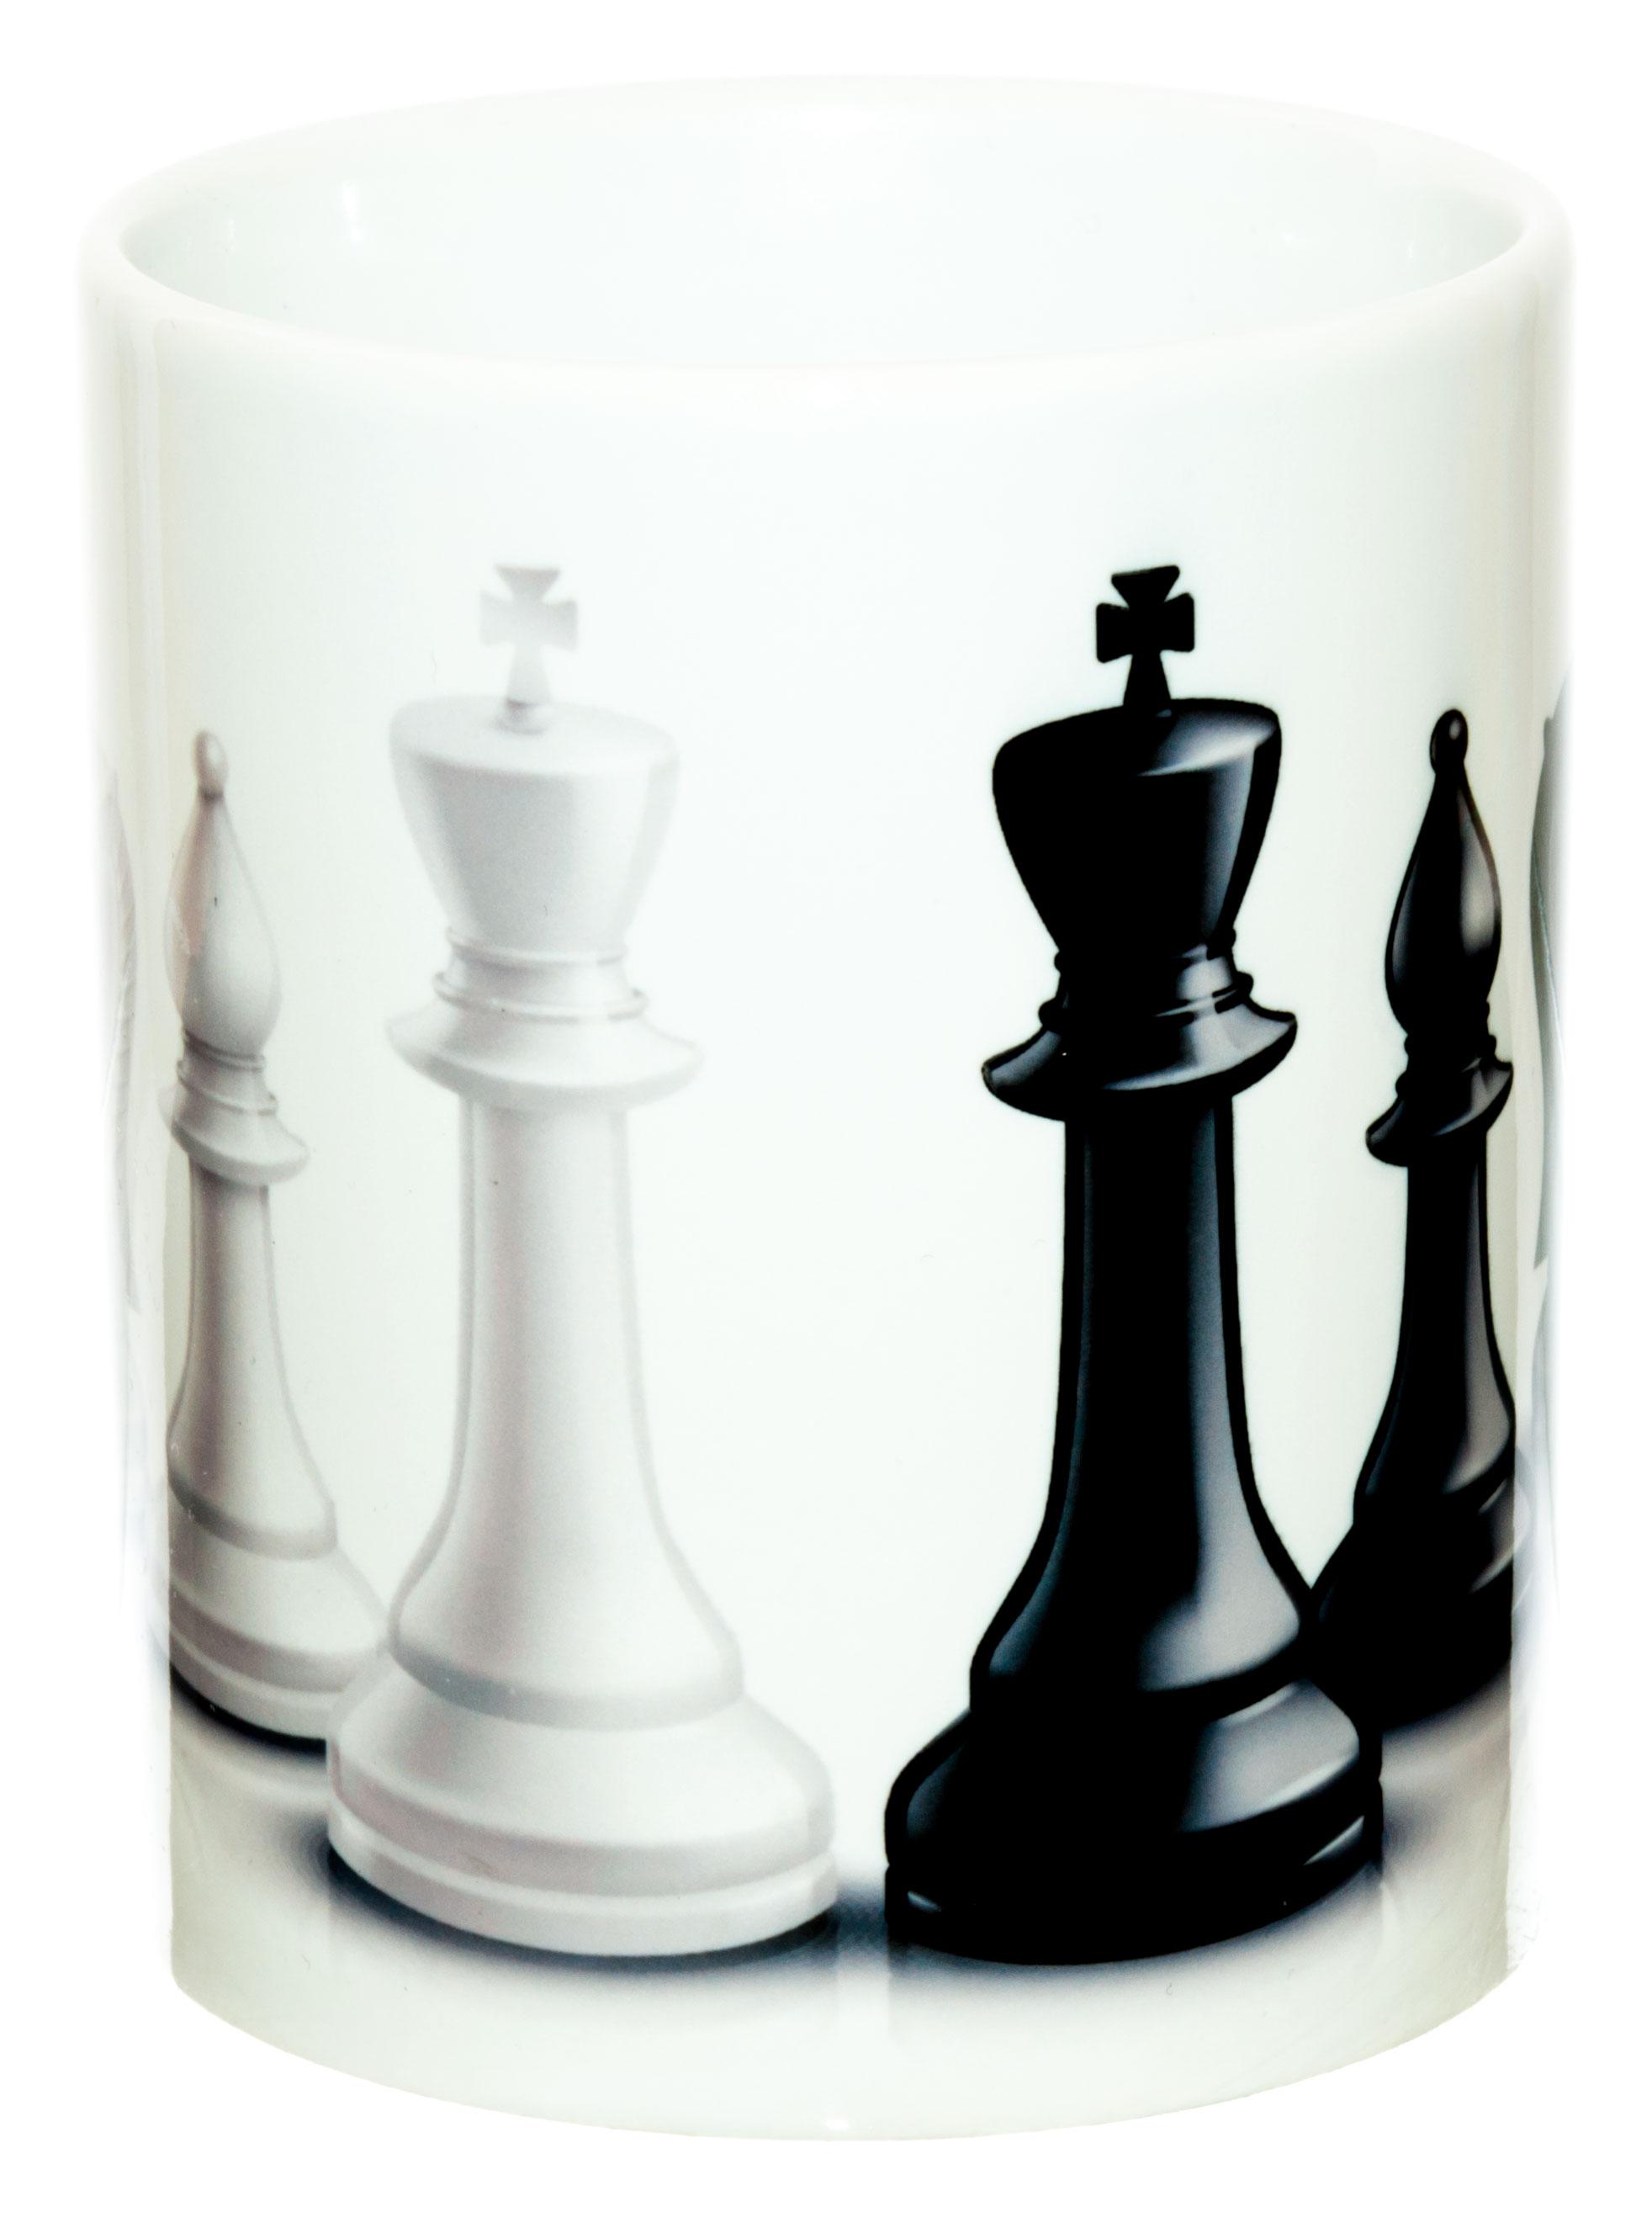 Керамическая кружка 3Dollara Шахматные фигуры. Черное и белое. MUG0341